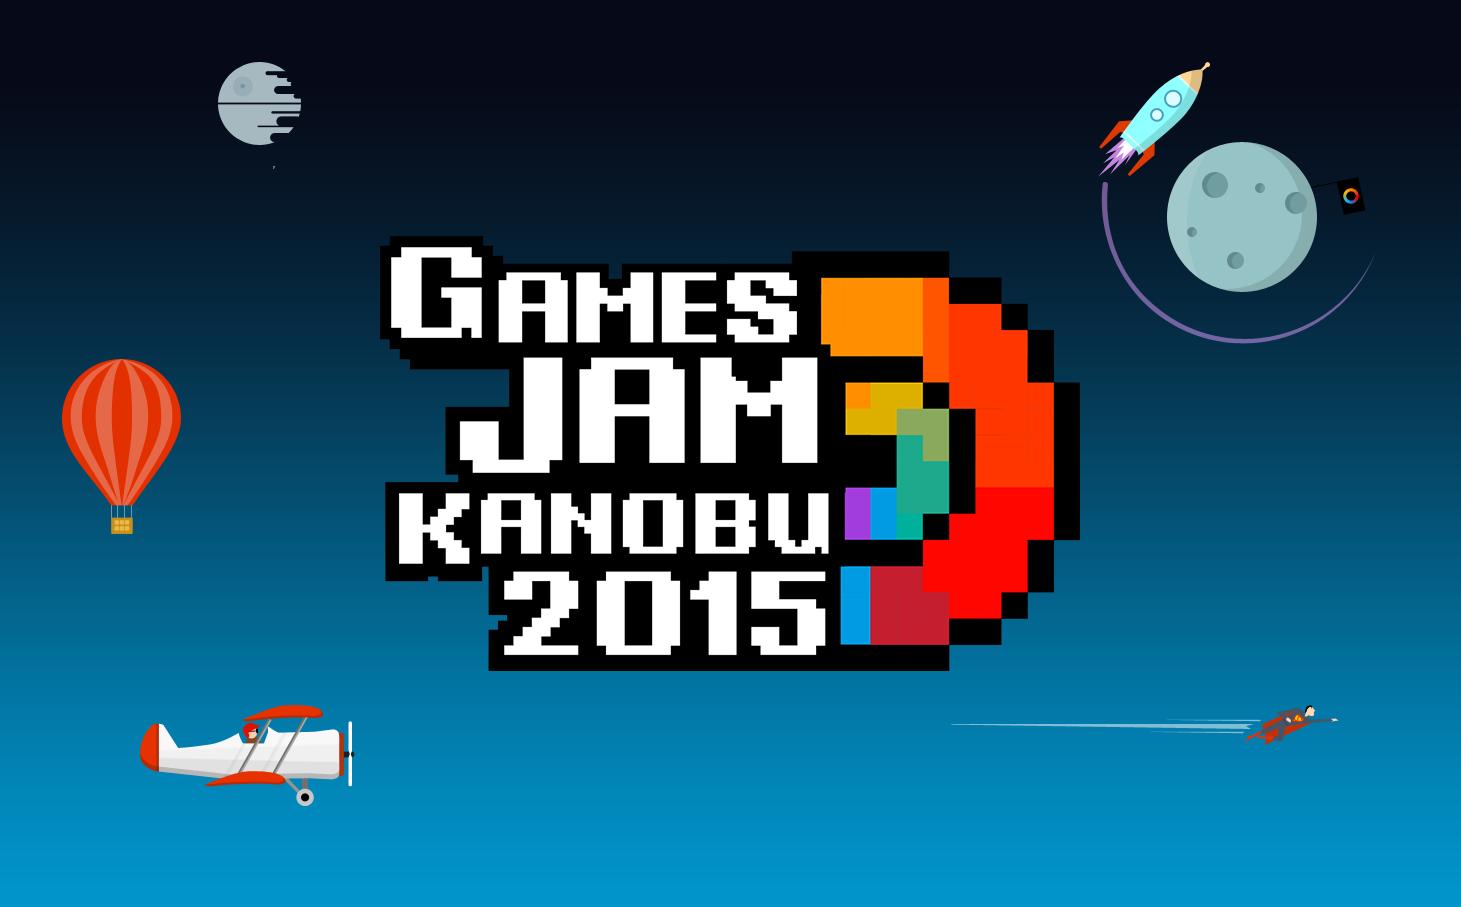 Интересные игры с GamesJamKanobu ver.3 - Изображение 1